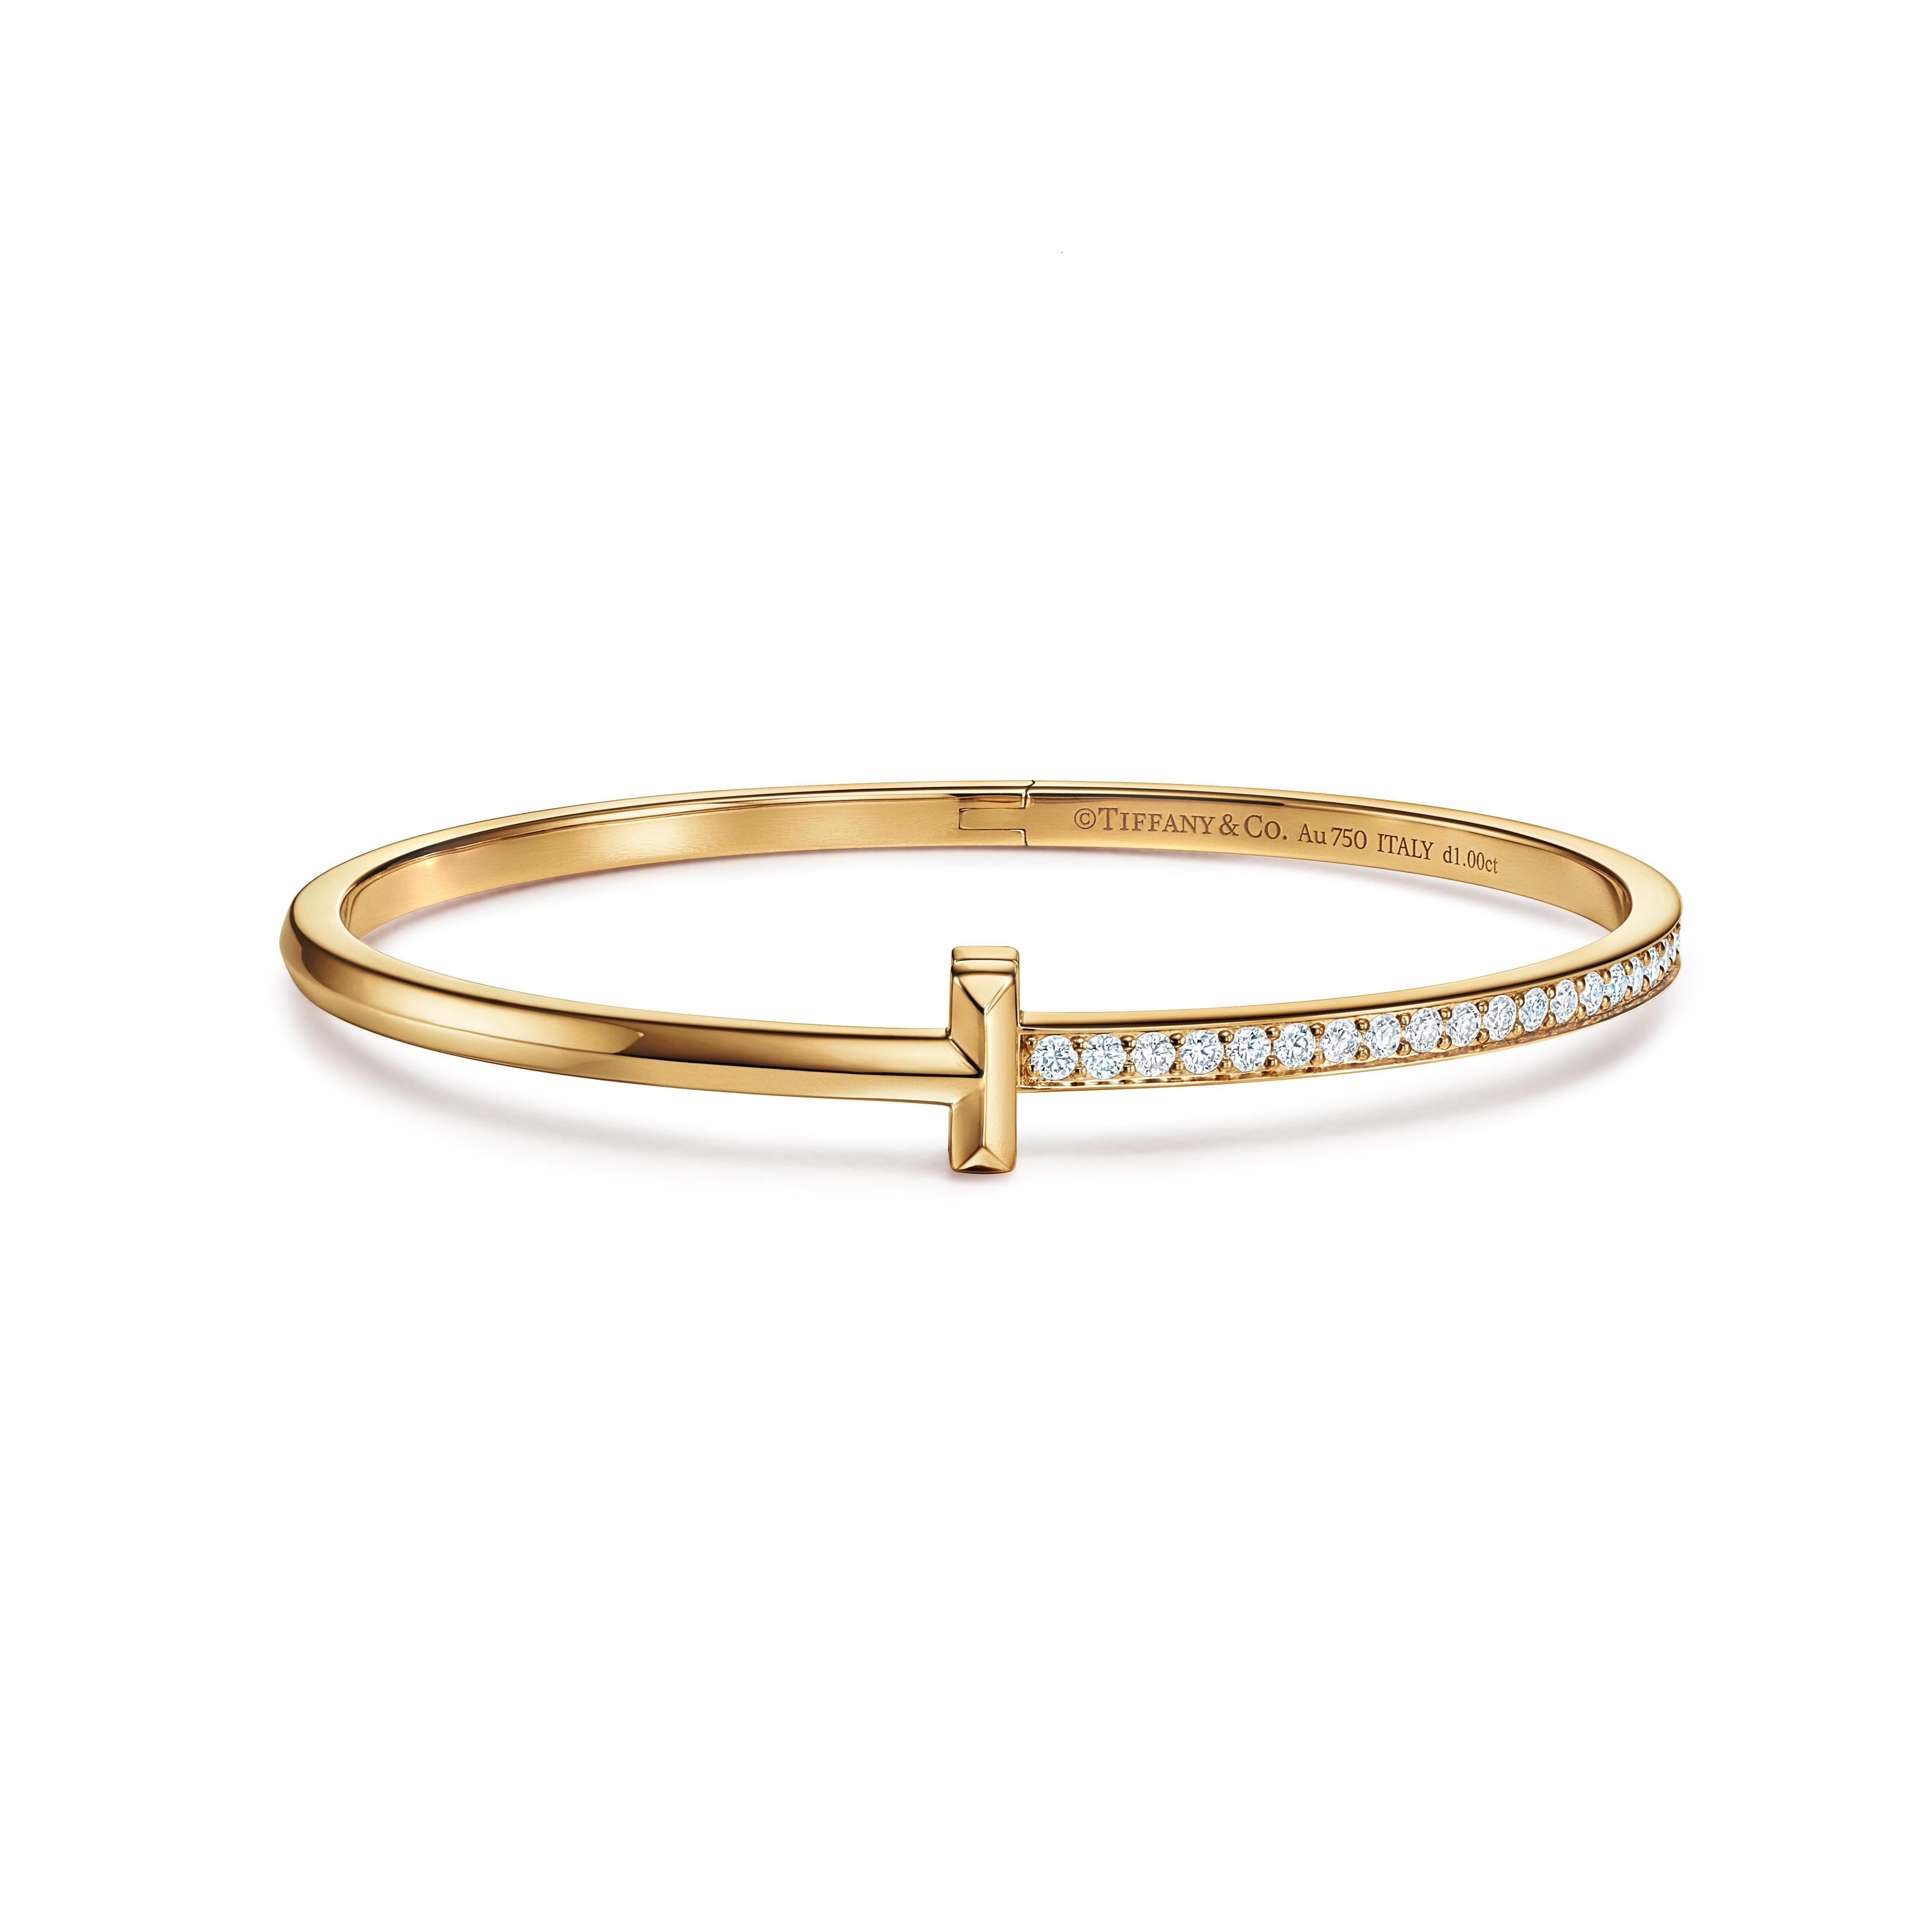 Pulsera Tiffany en oro de 18 quilates y diamantes, de Reinhold Jewelers. (Suministrada)